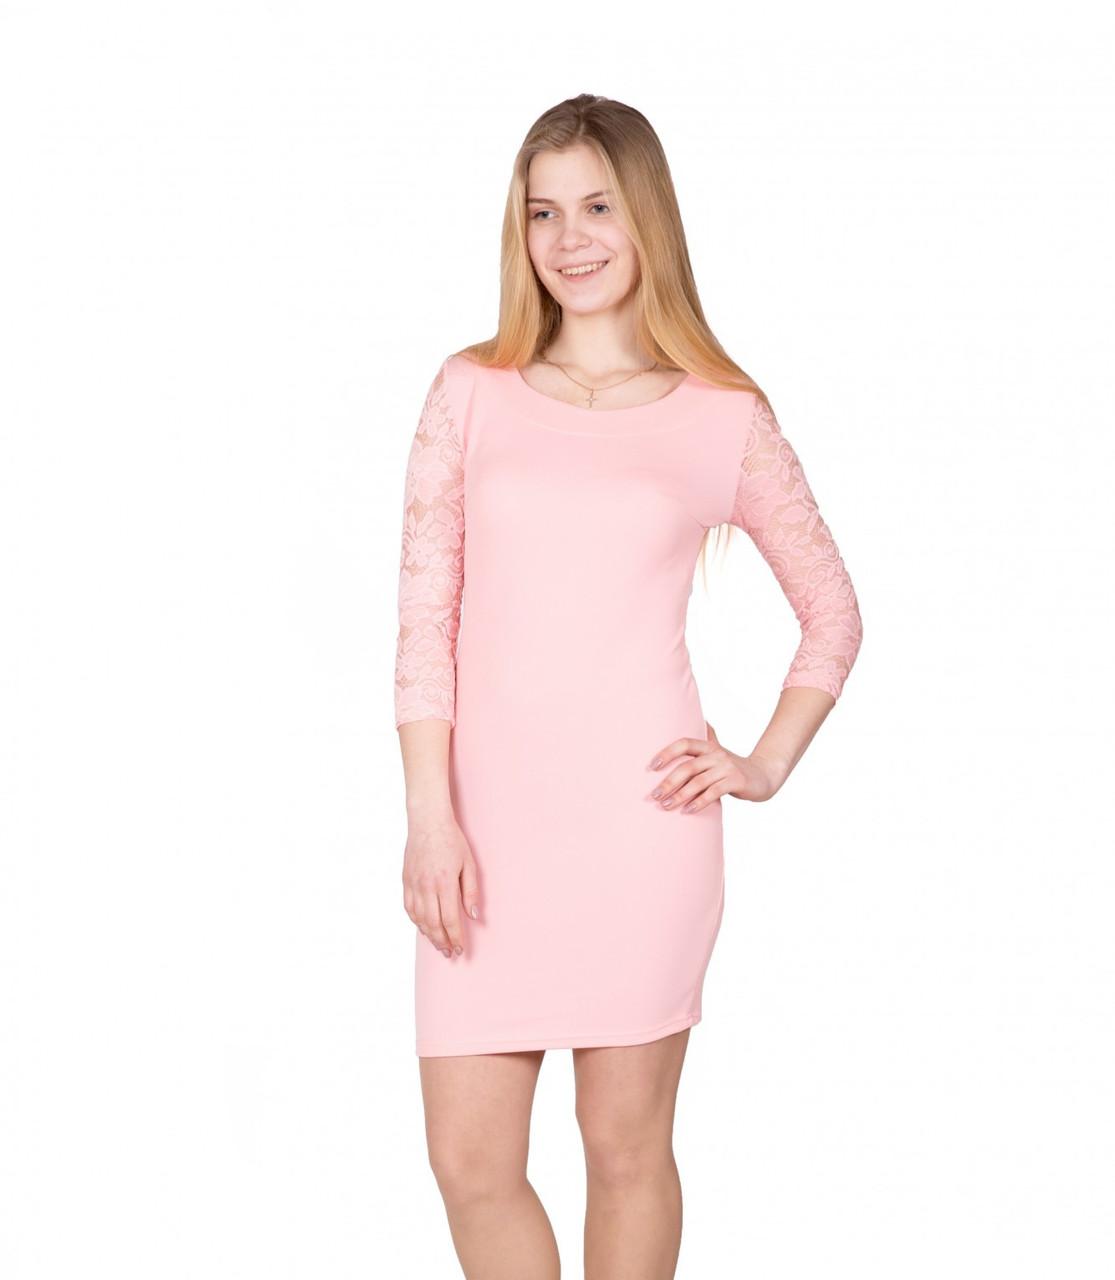 Платье Купить 52 Размер Интернет Магазин